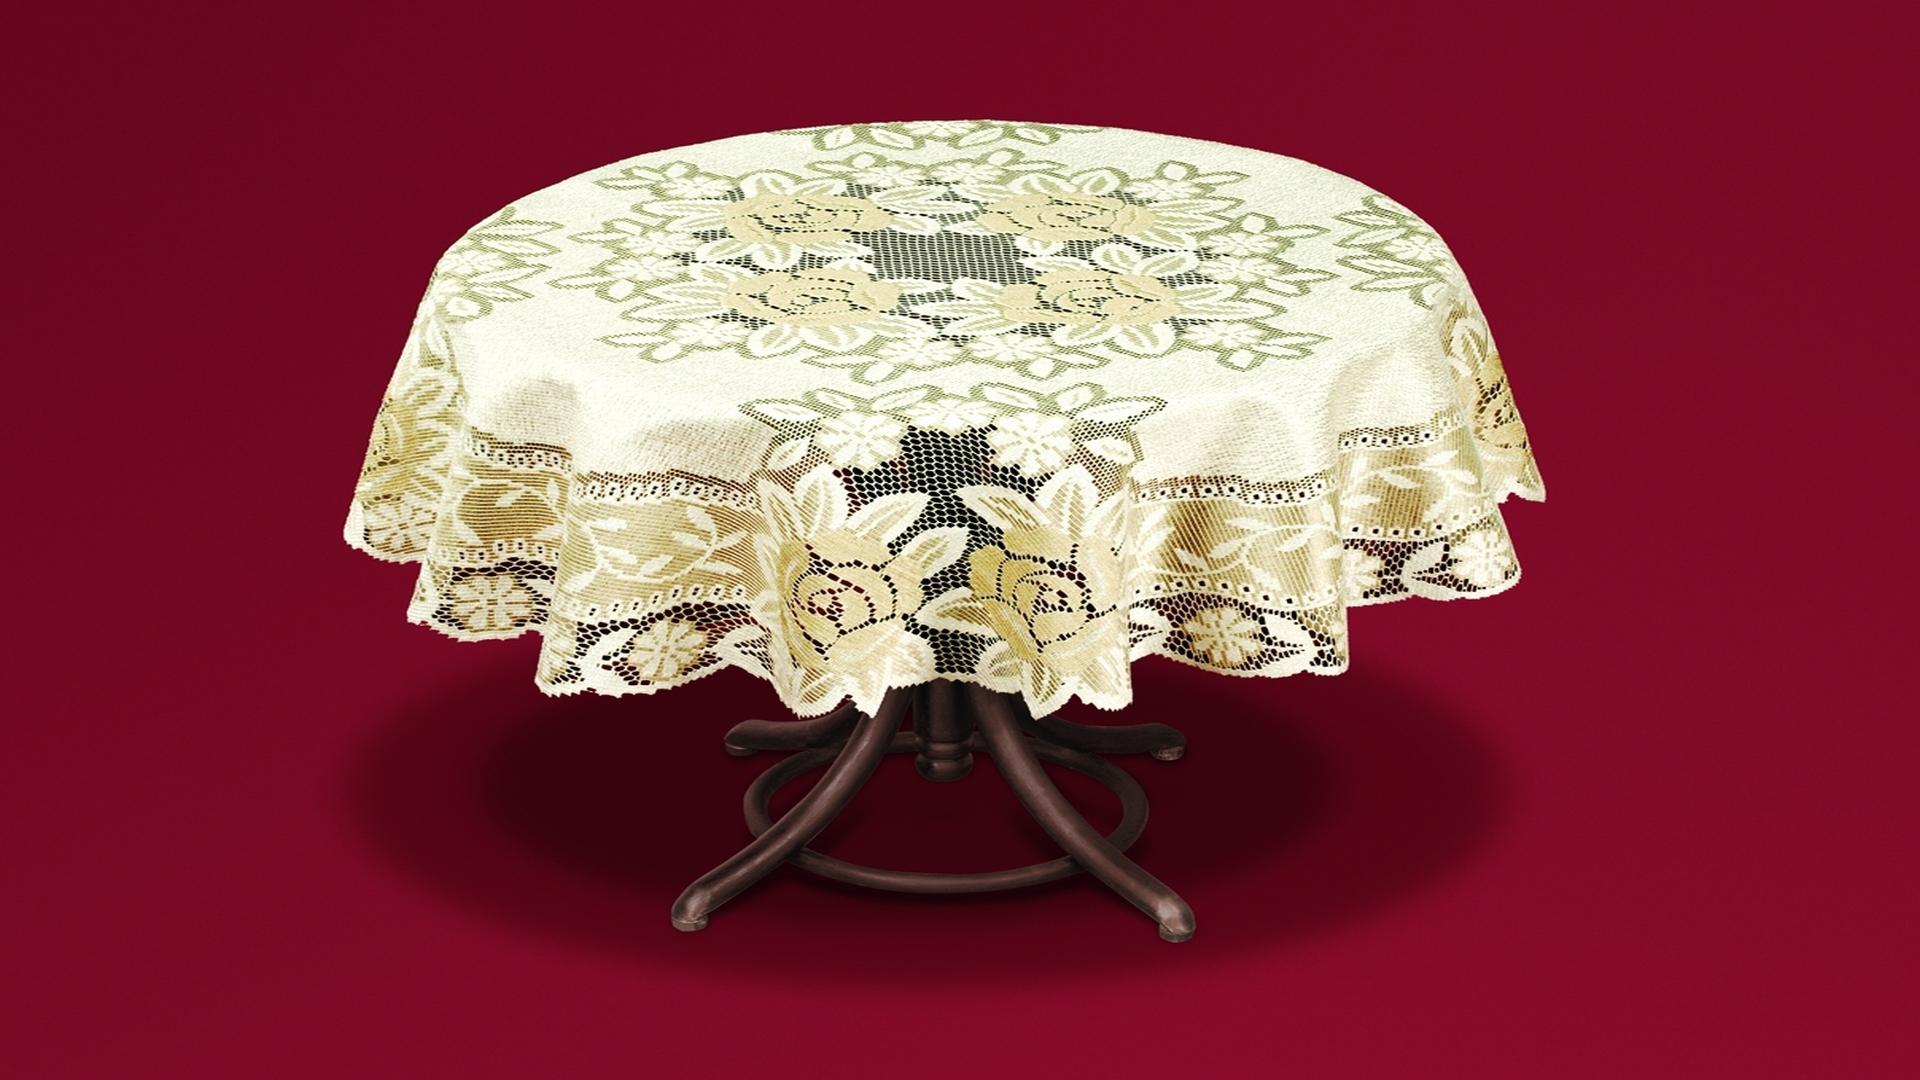 Скатерть Haft Skarb Babuni, круглая, цвет: кремовый, золотистый, диаметр 120 см. 54113/12016076Великолепная круглая скатерть Haft Skarb Babuni, выполненная из полиэстера, органично впишется в интерьер любого помещения, а оригинальный дизайн удовлетворит даже самый изысканный вкус. Скатерть выполнена из сетчатого материала с ажурным цветочным орнаментом по краям и по центру. Скатерть Haft Skarb Babuni создаст праздничное настроение и станет прекрасным дополнением интерьера гостиной, кухни или столовой. Диаметр скатерти: 120 см.